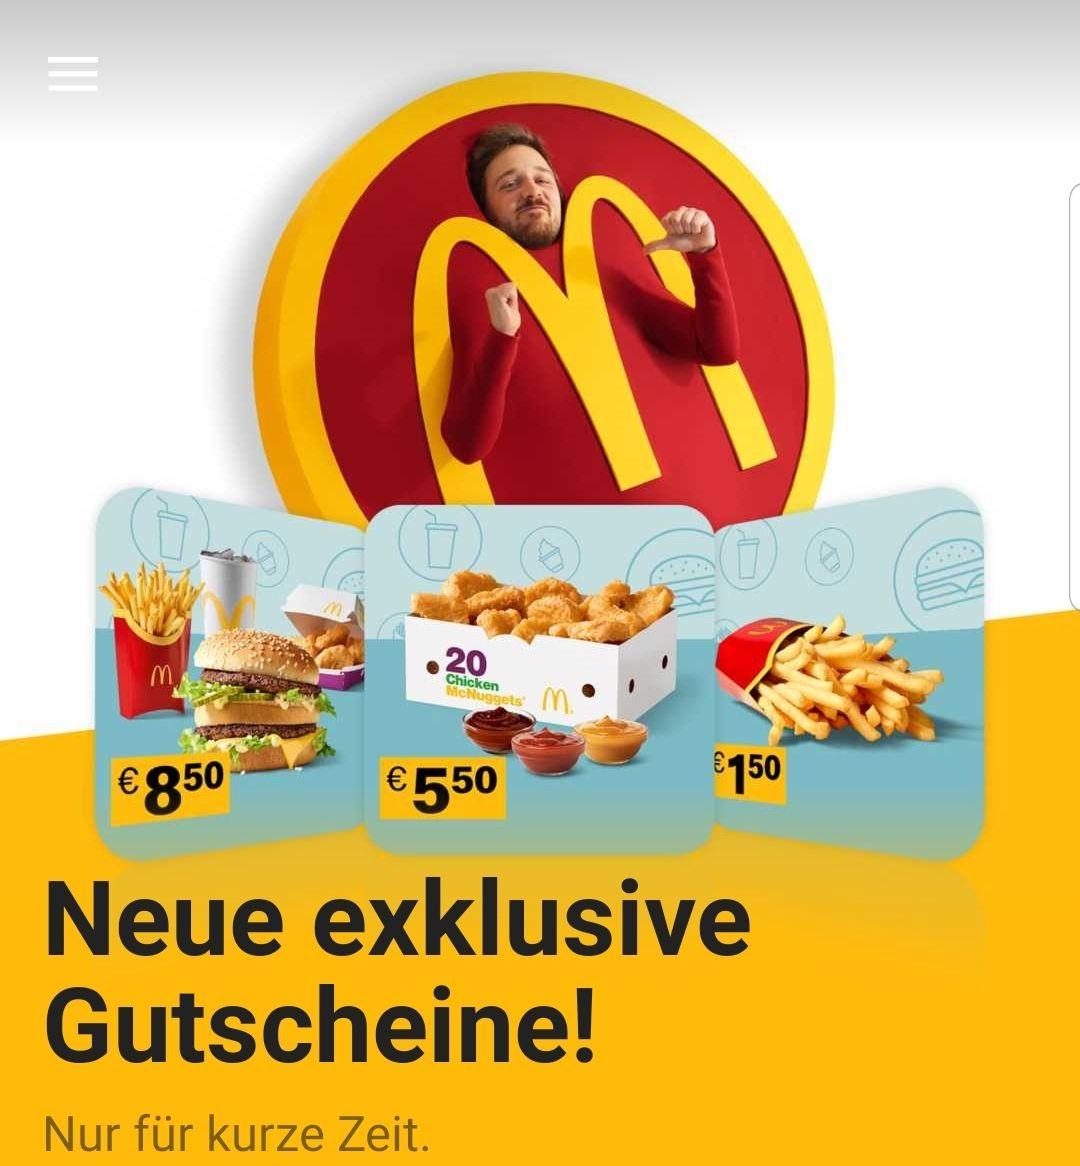 [Burgerjäger] Neue McDonald's Gutscheine in der App!